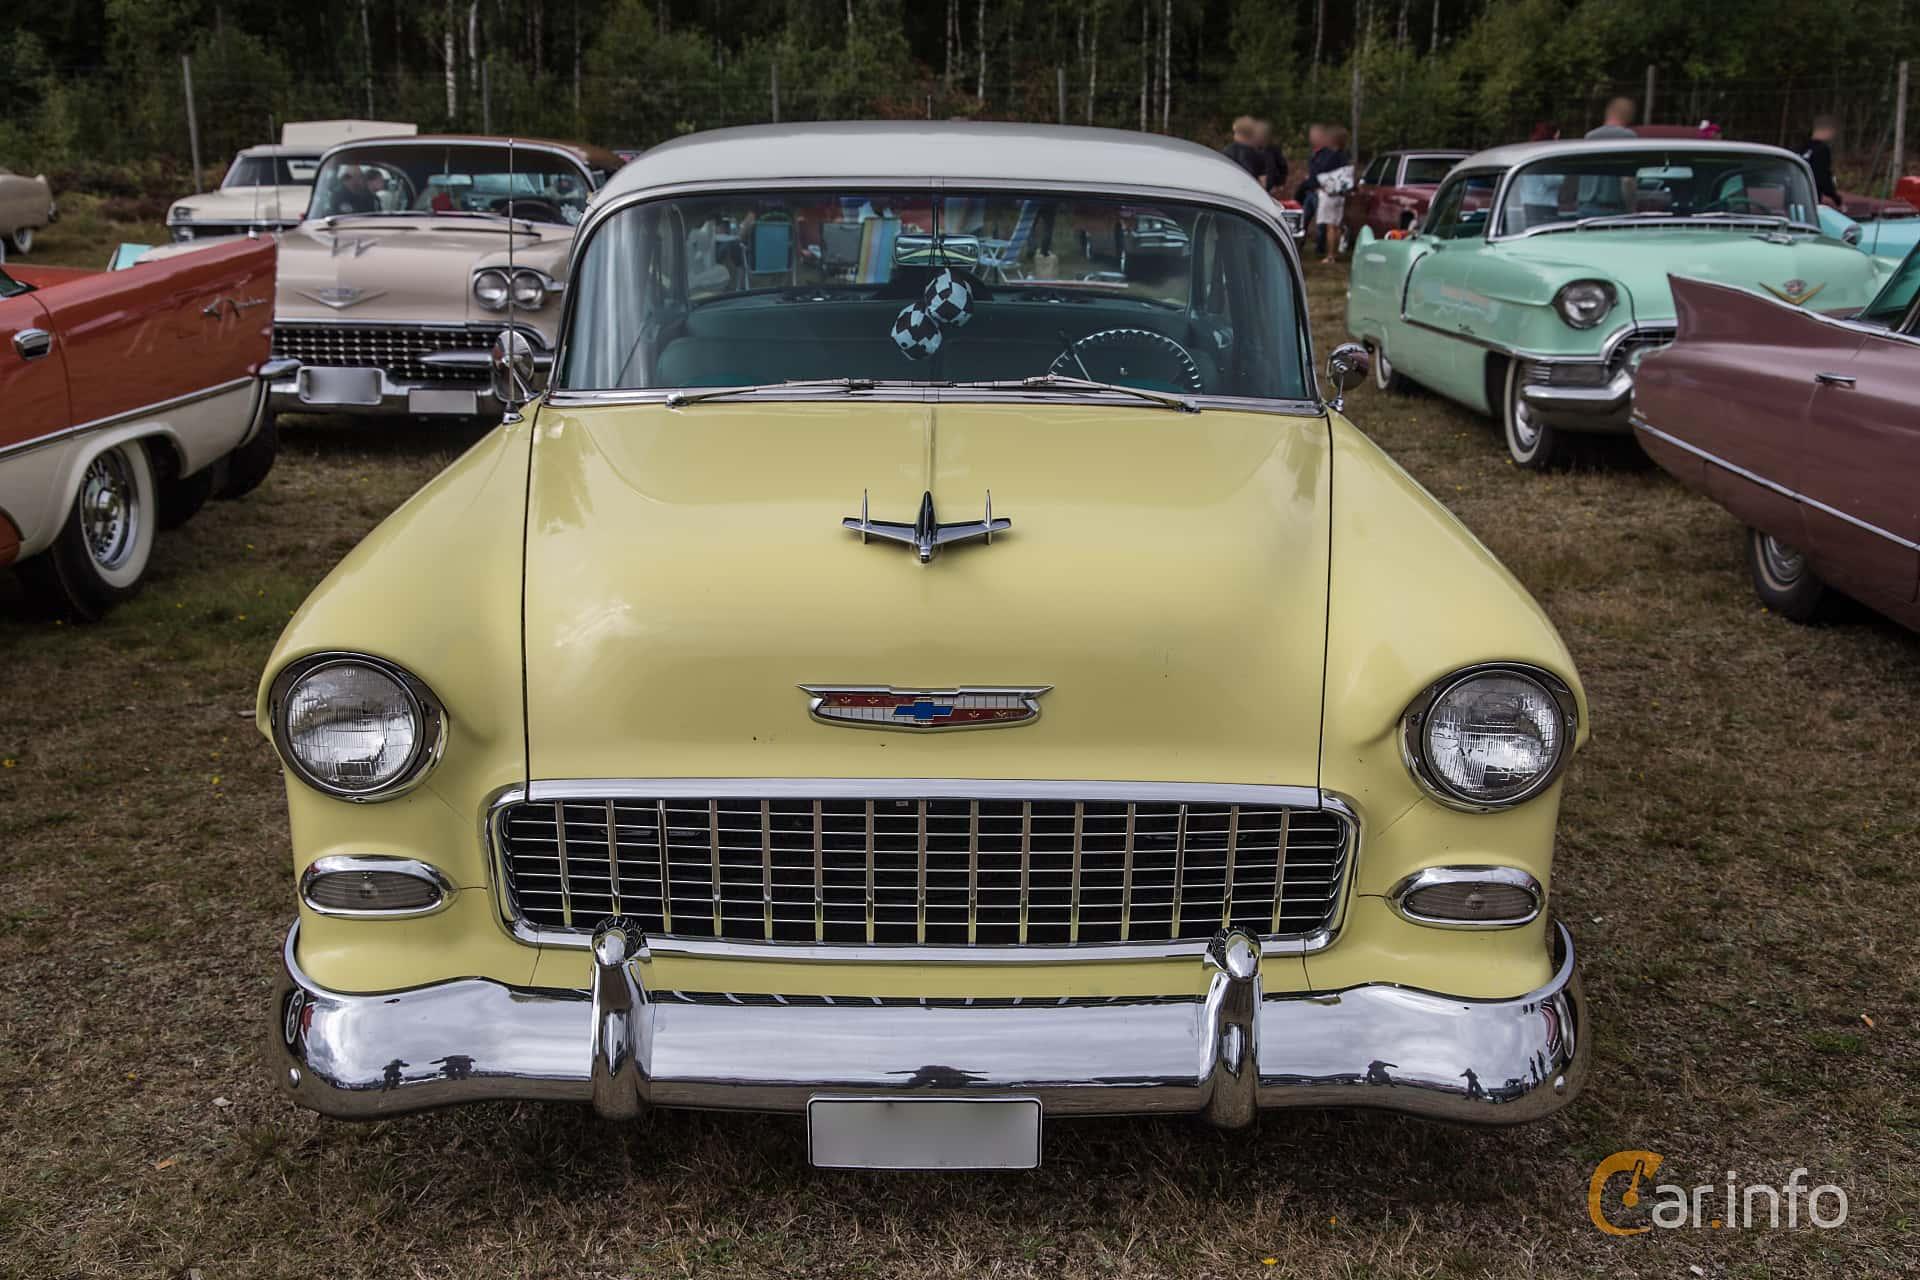 Chevrolet Bel Air 2-door Sedan 4.3 V8 Powerglide, 183hp, 1955 at Power End of Summer Meet Emmaboda 2017